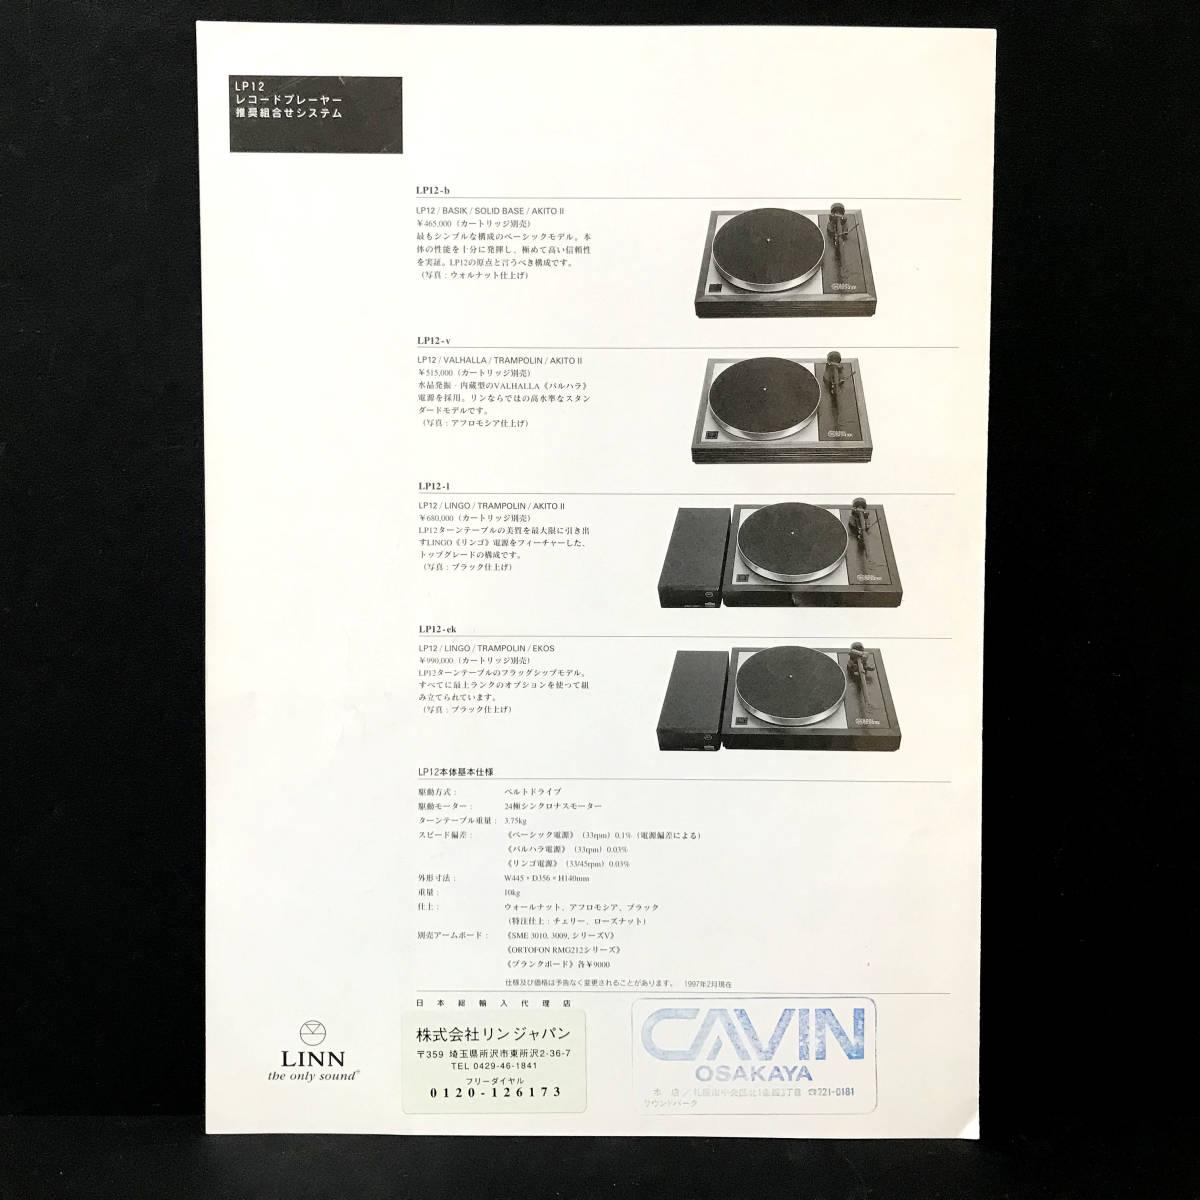 【カタログ】LINN SONDEK LP12 ターンテーブル レコードプレーヤー カタログ コレクション _画像3